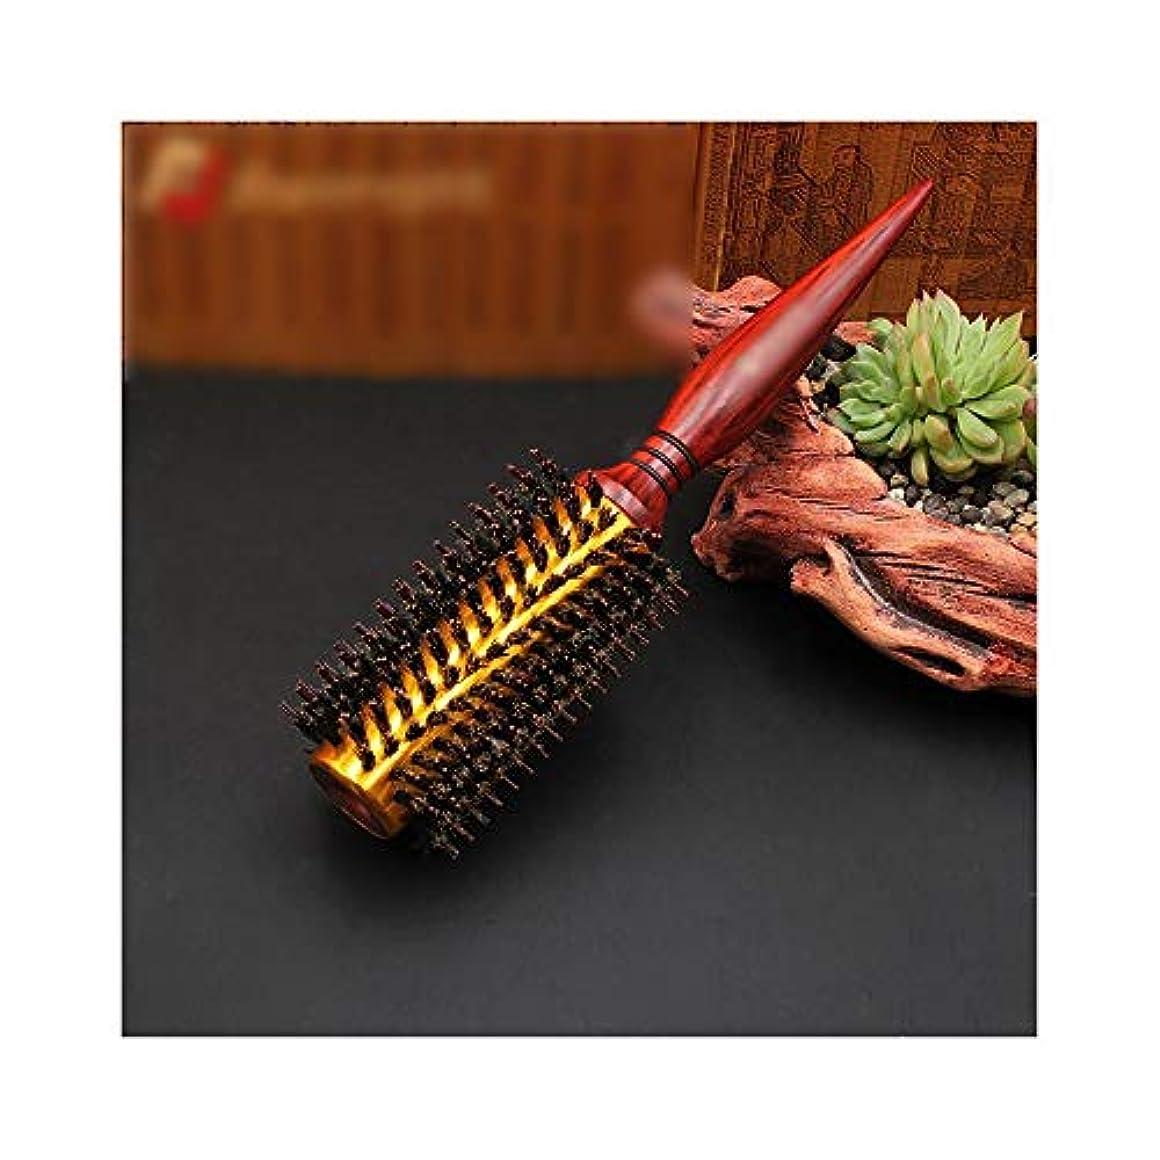 シダガイド湖Fashian毛ラウンドスタイリングヘアブラシ - すべてのヘアスタイルのためにロールヘアブラシ ヘアケア (サイズ : 16 rows)